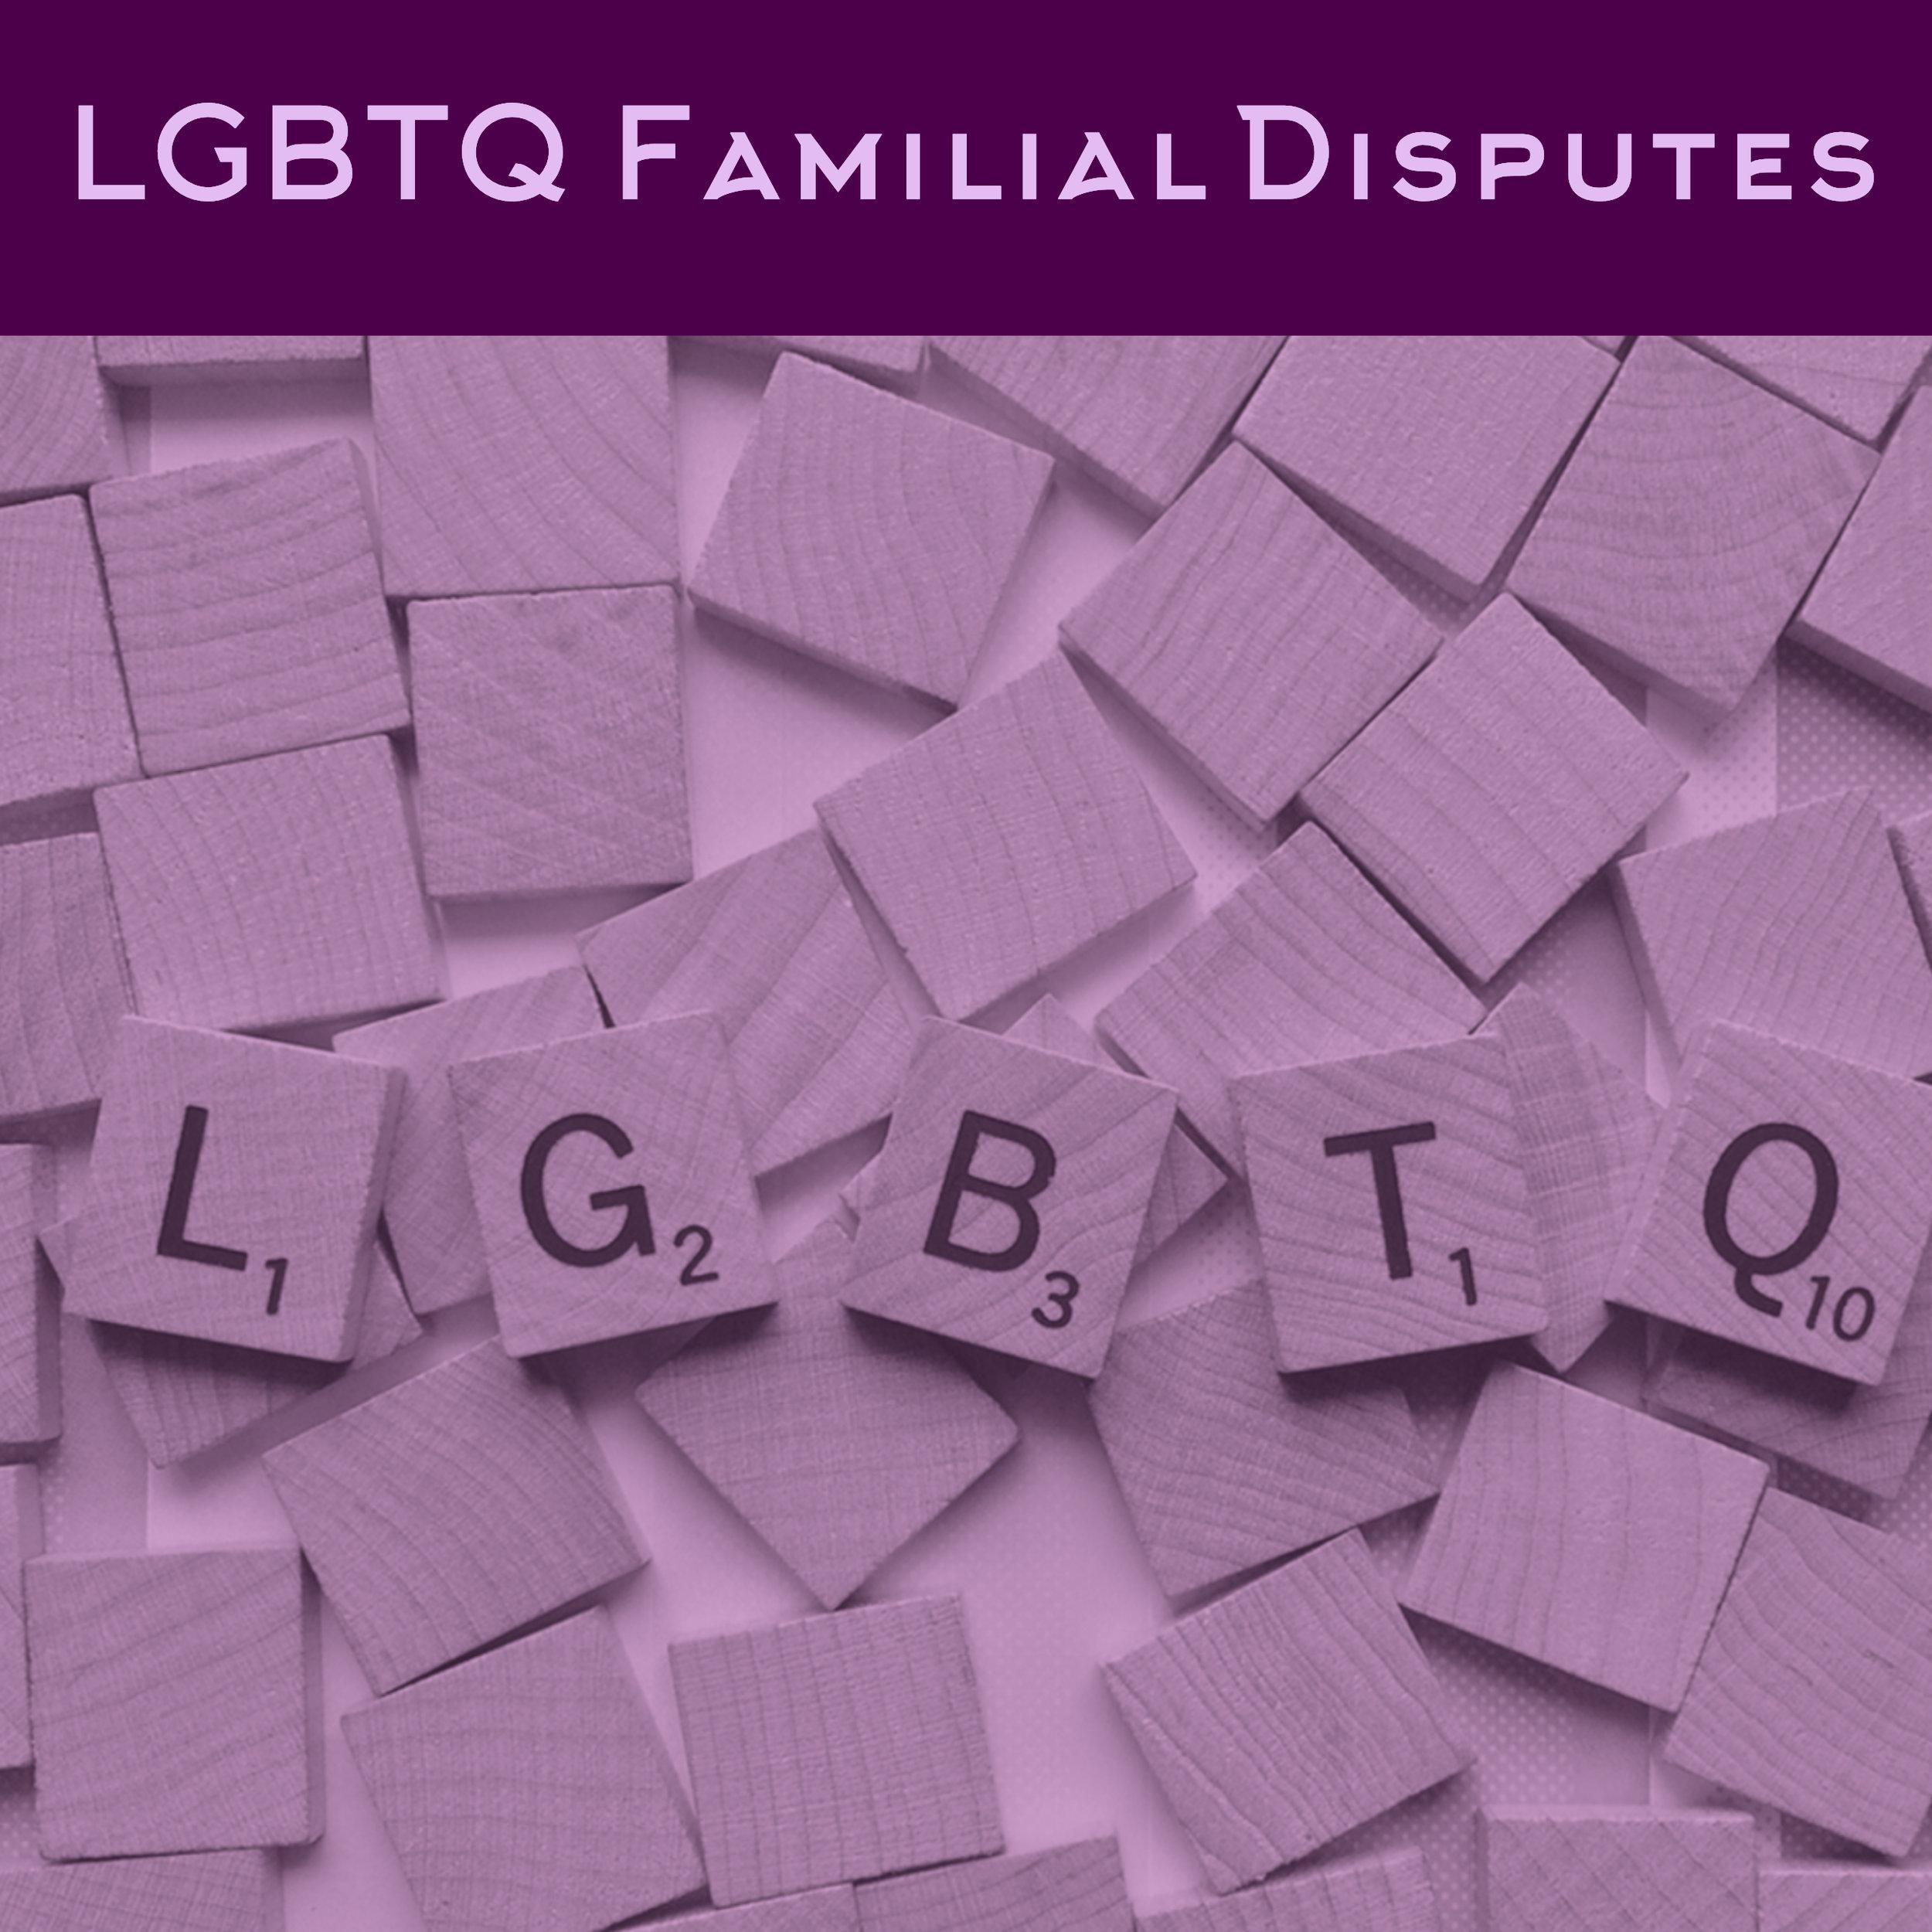 LGBTQ Page (1).jpg